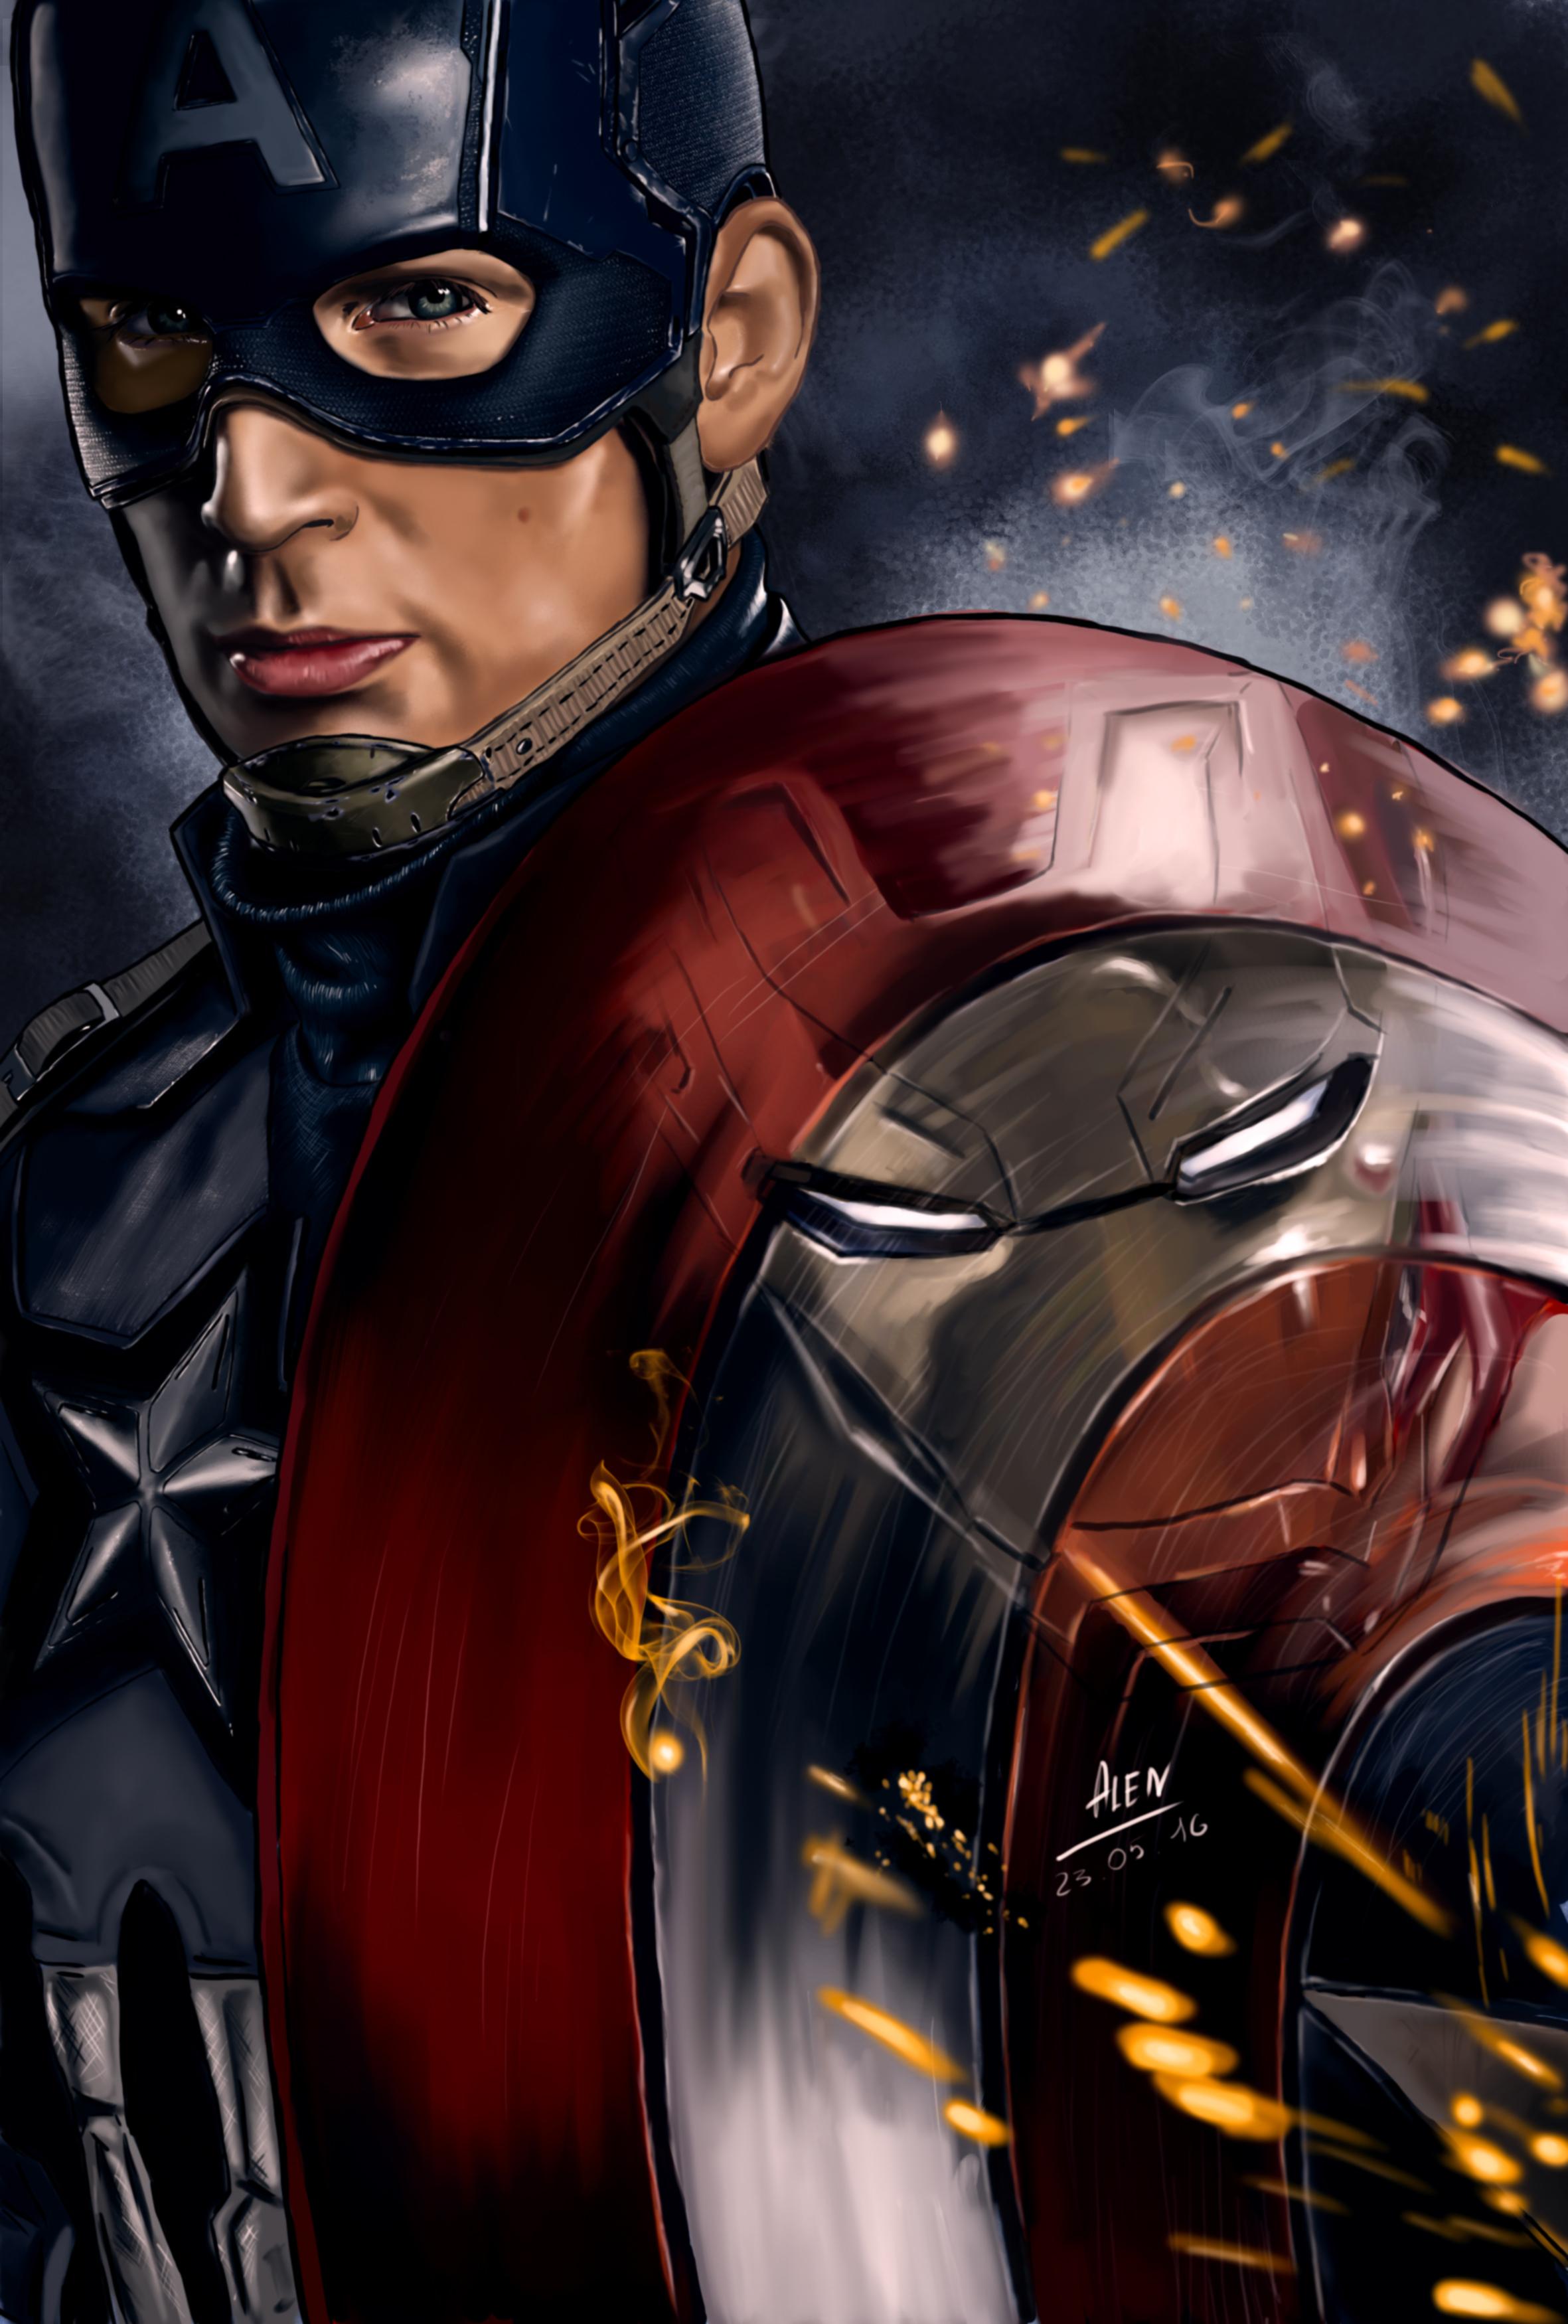 Captain-America-Civil-War-Iphone-Wallpaper-3